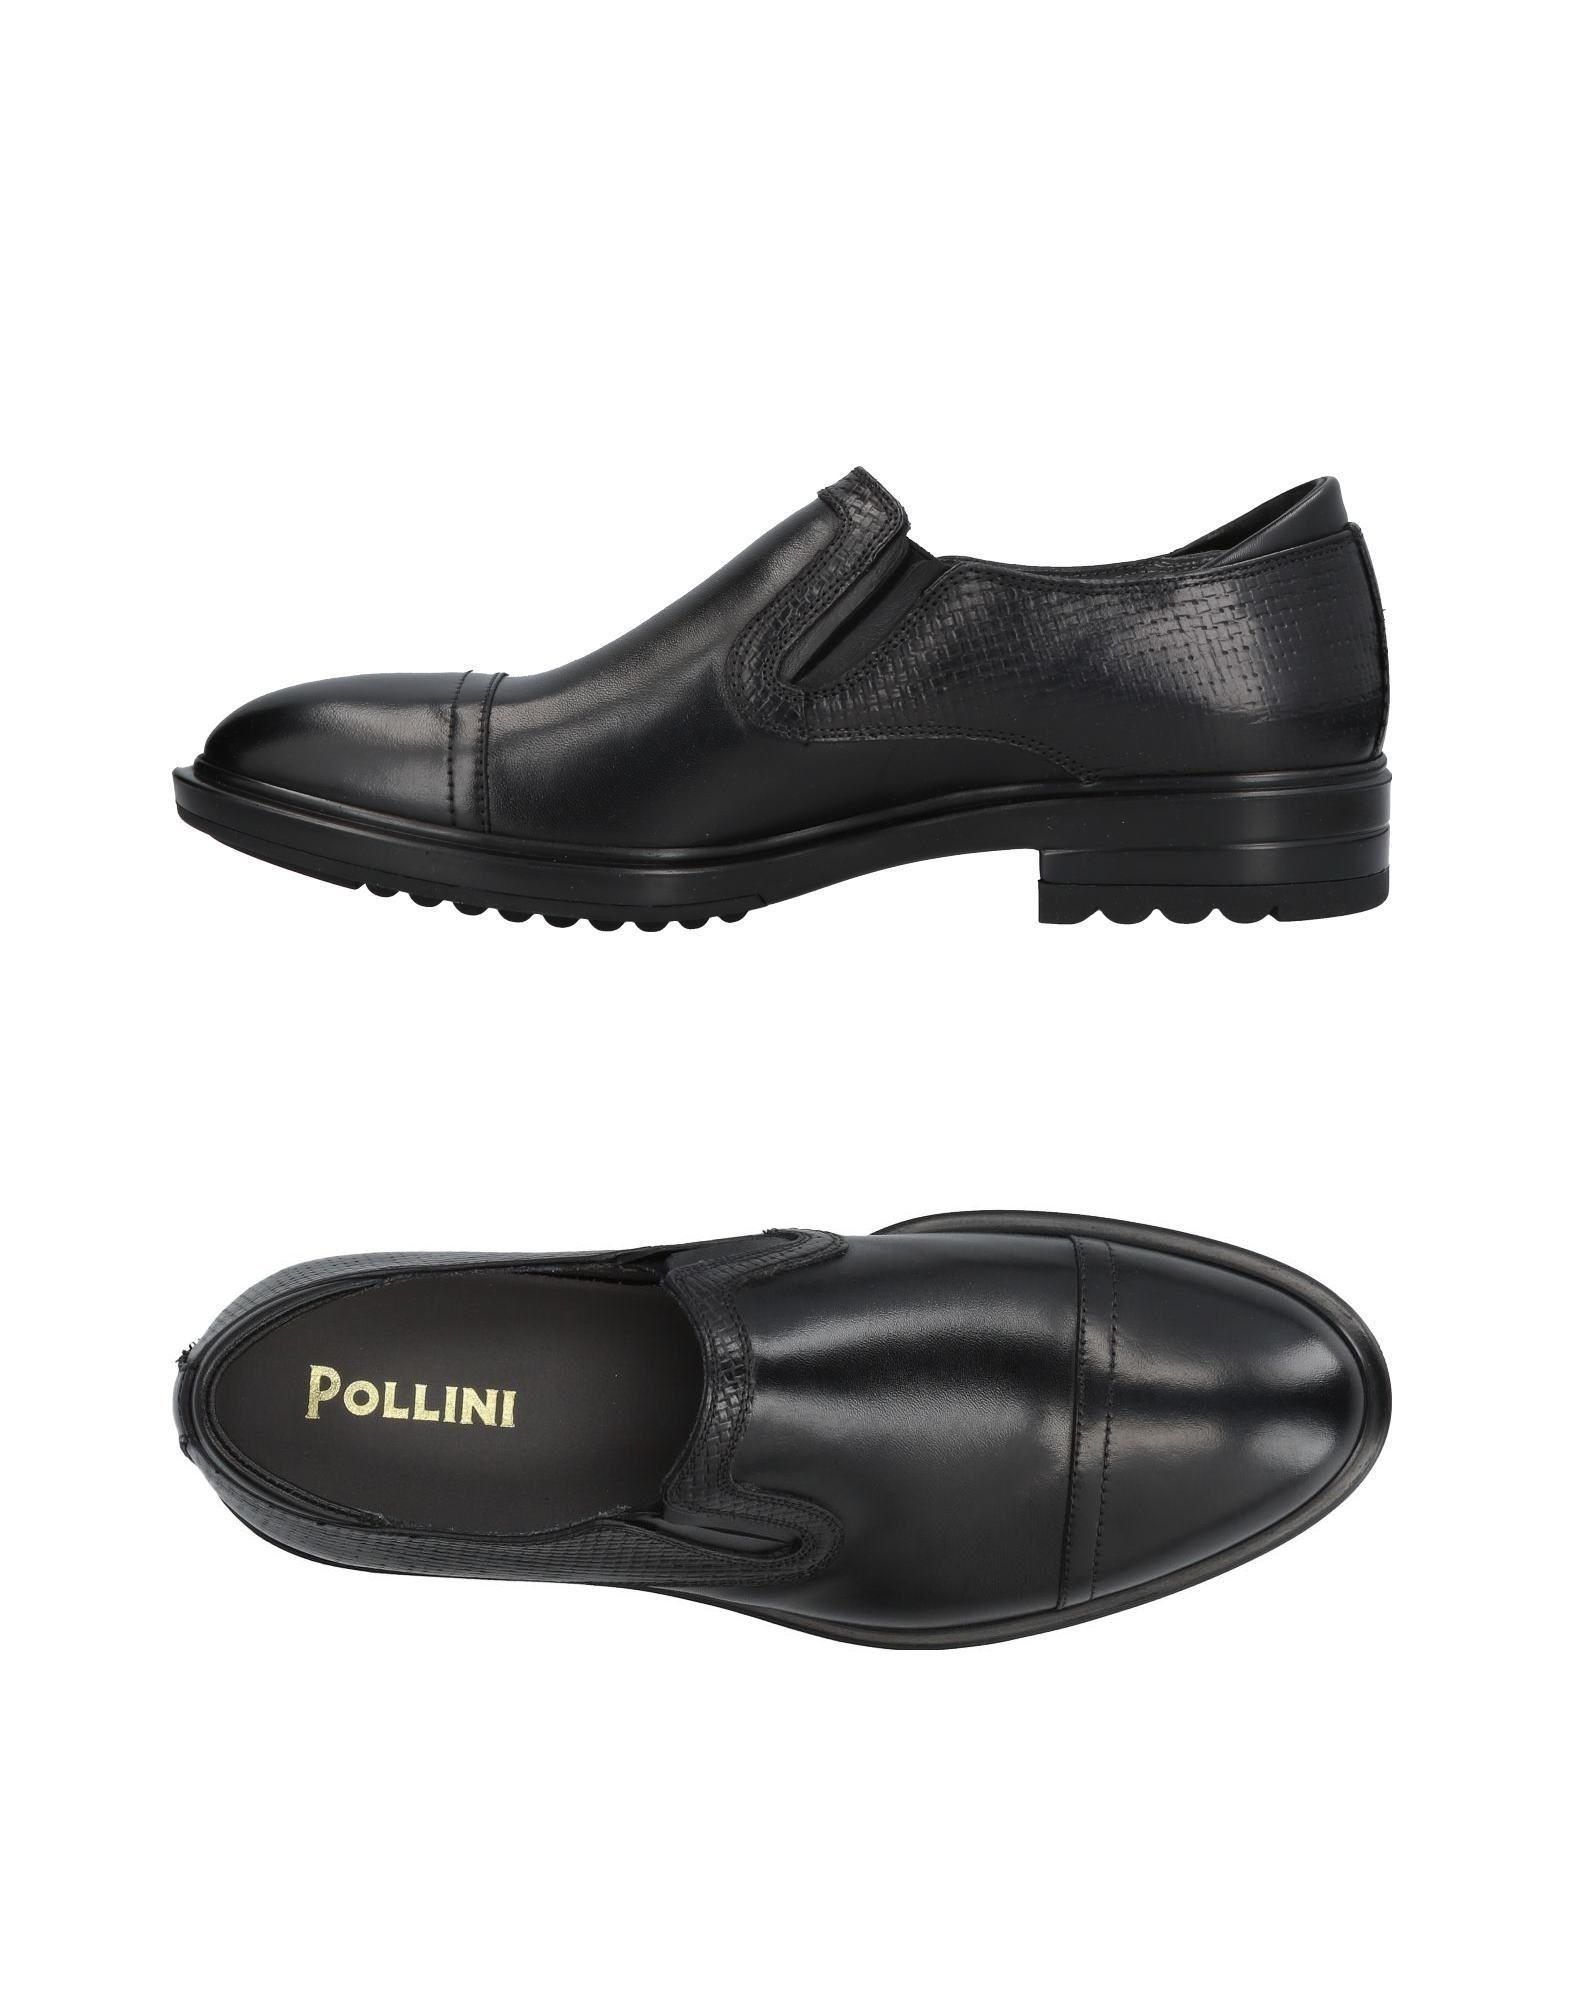 Herren Pollini Mokassins Herren   11447933EW Heiße Schuhe 34f8cf